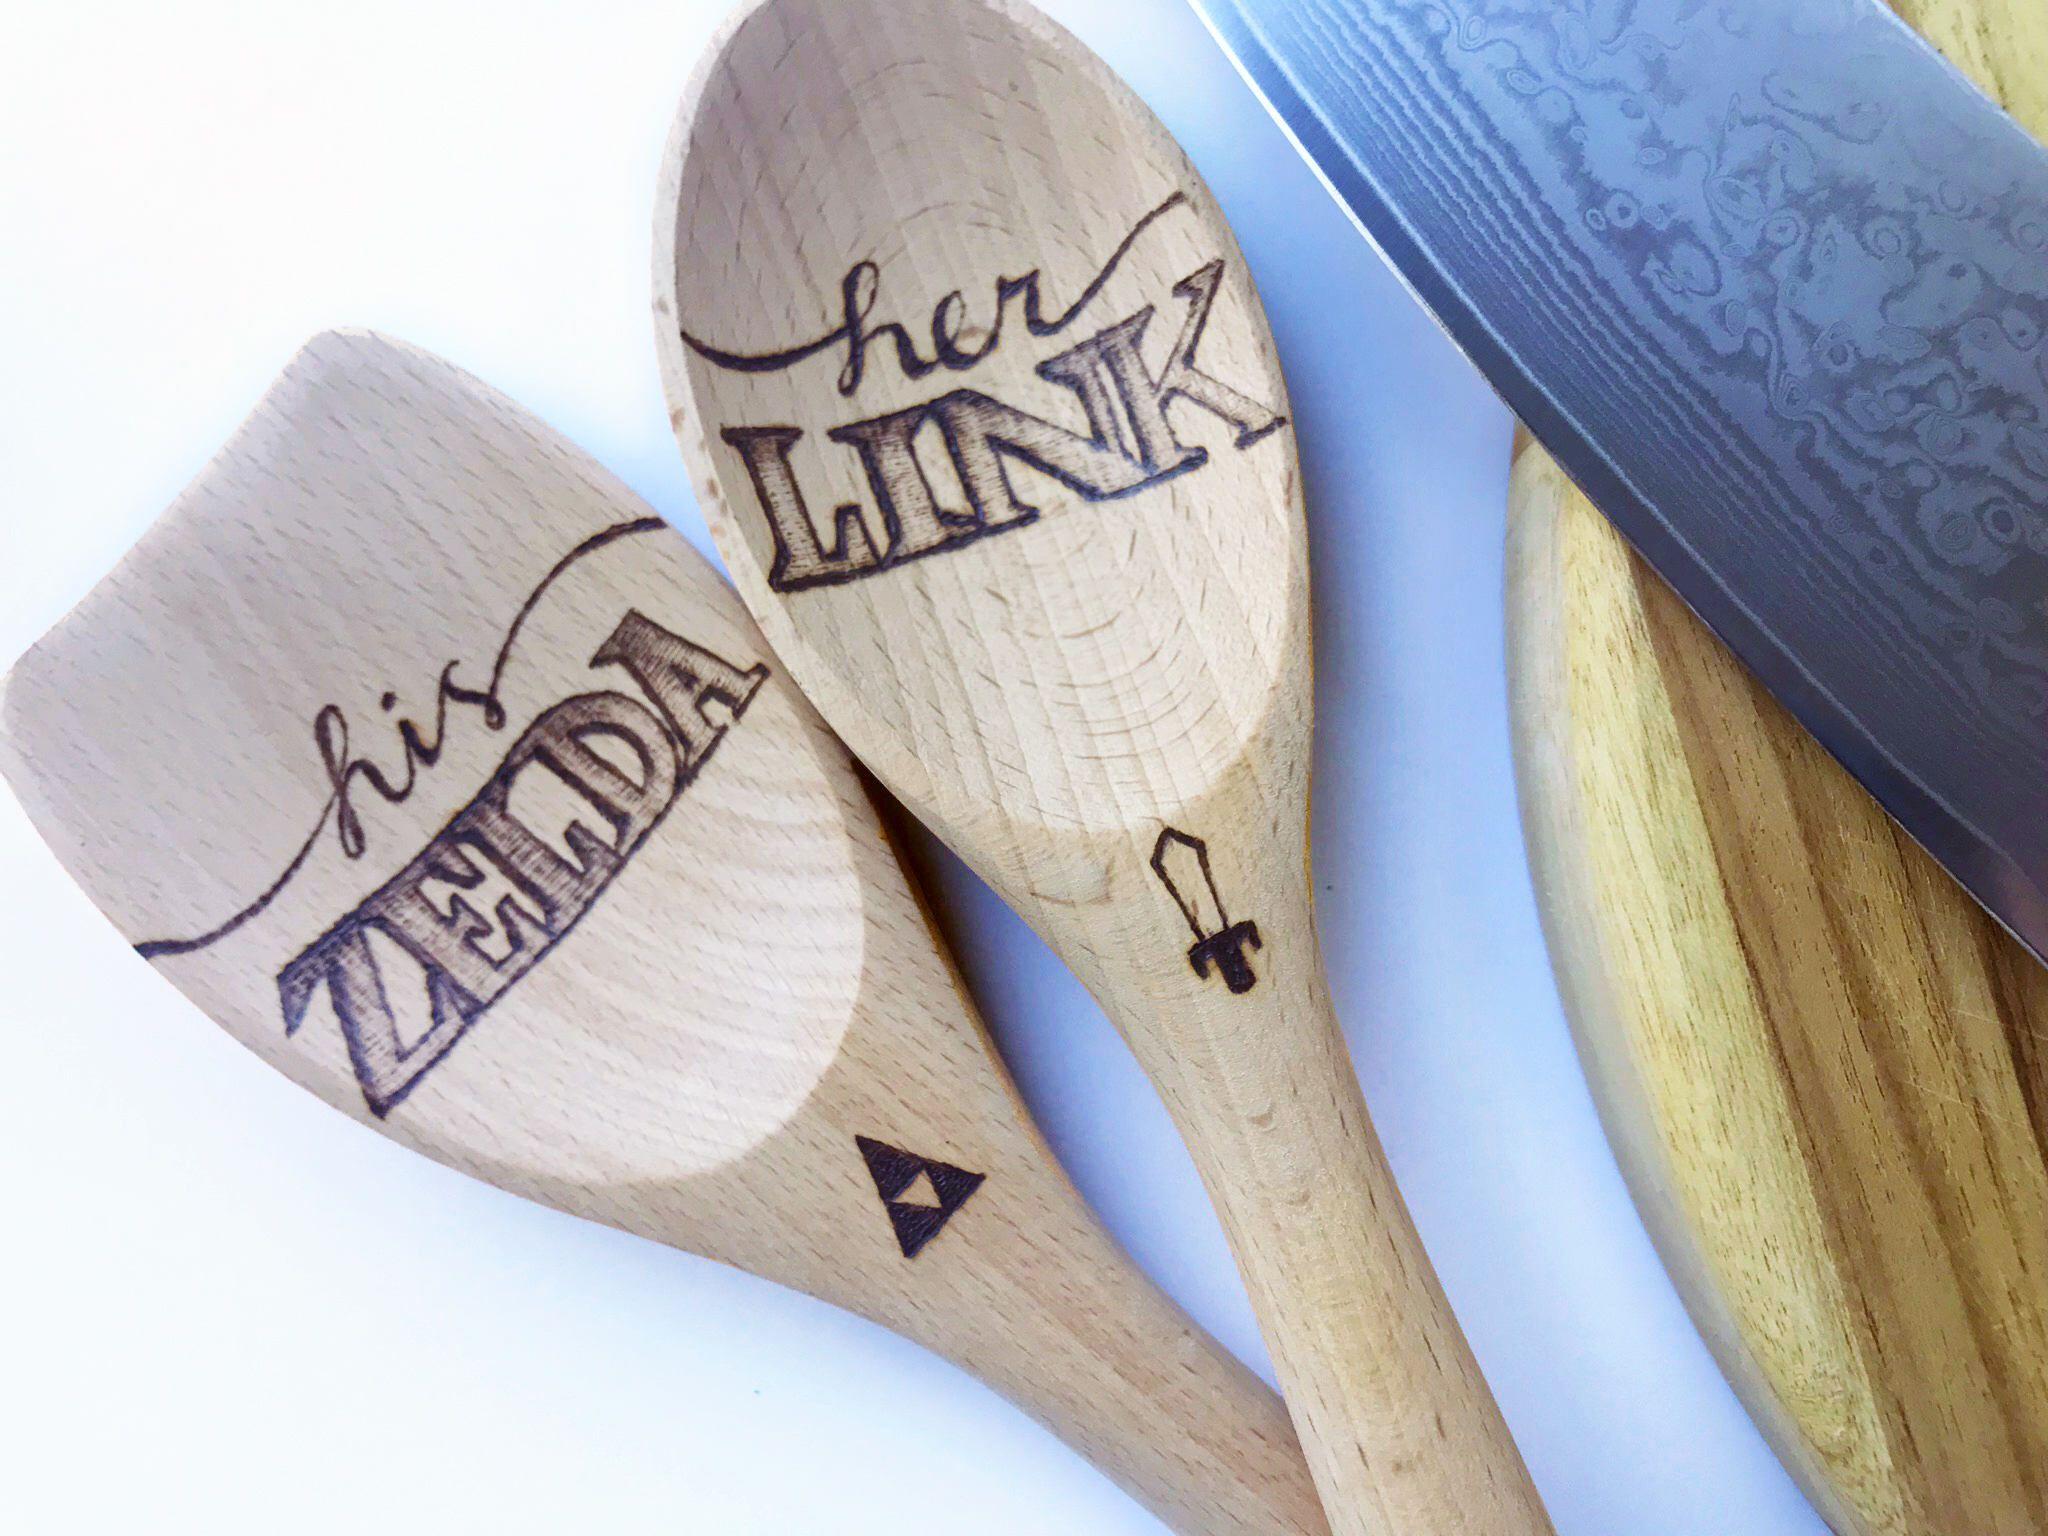 Legend Of Zelda Themed His Link Her Zelda Wood Burned Wooden Spoon